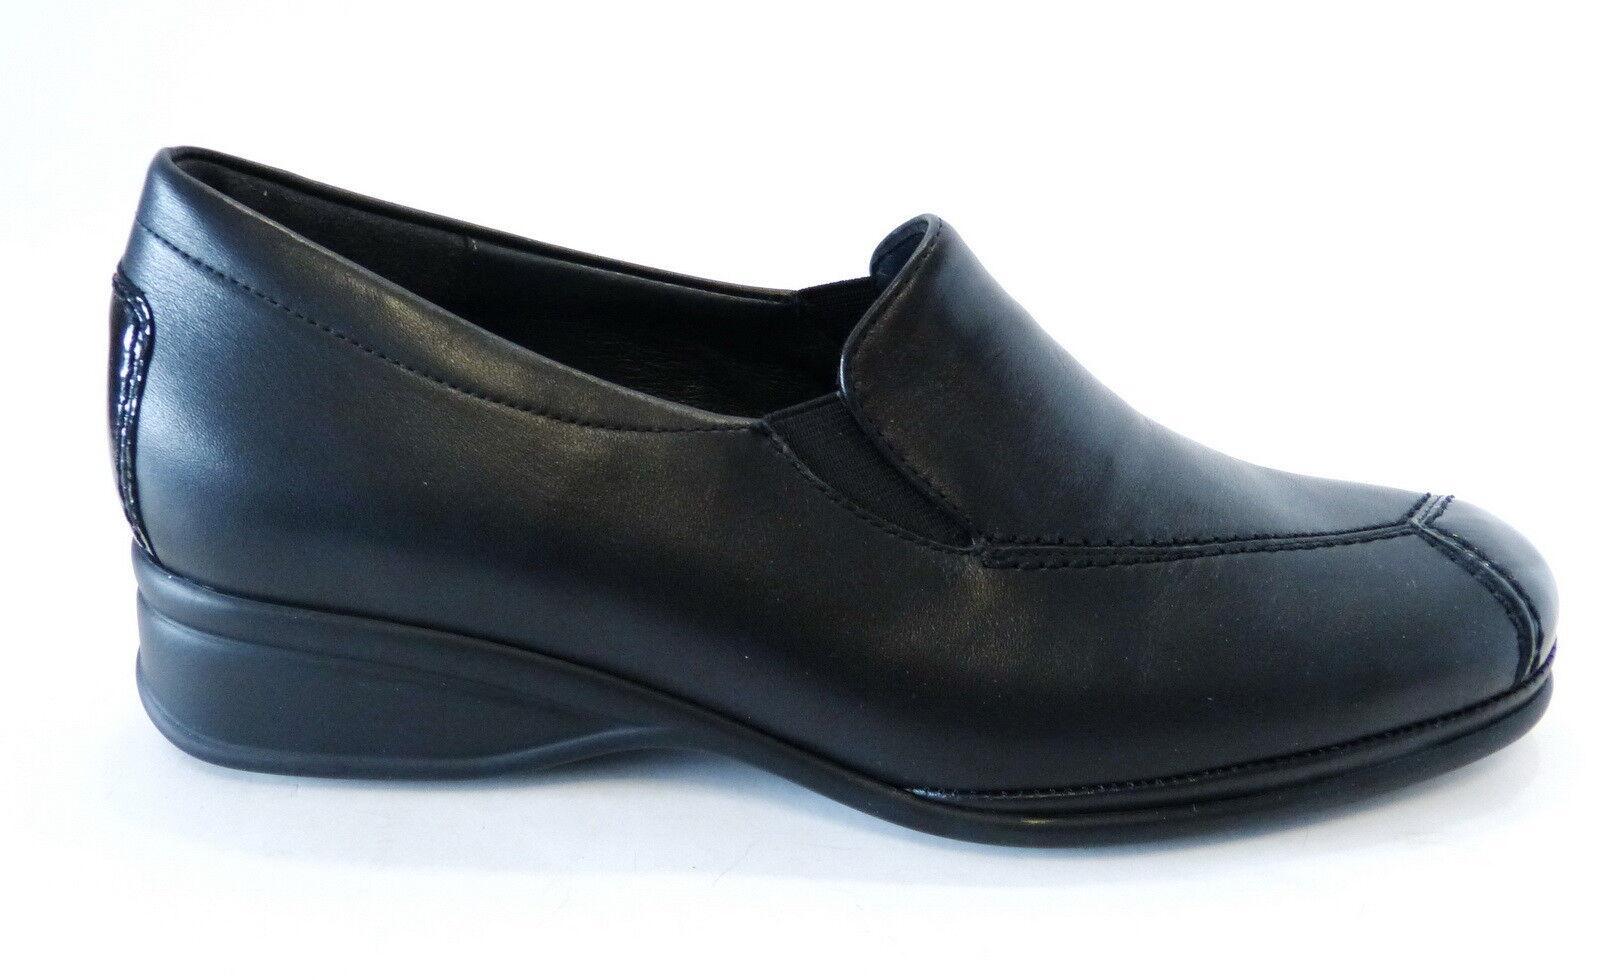 Semler pantoufles Chaussure ria r1635118 001 001 001 Noir Cuir Largeur H en vrac de dépôt f6df9d